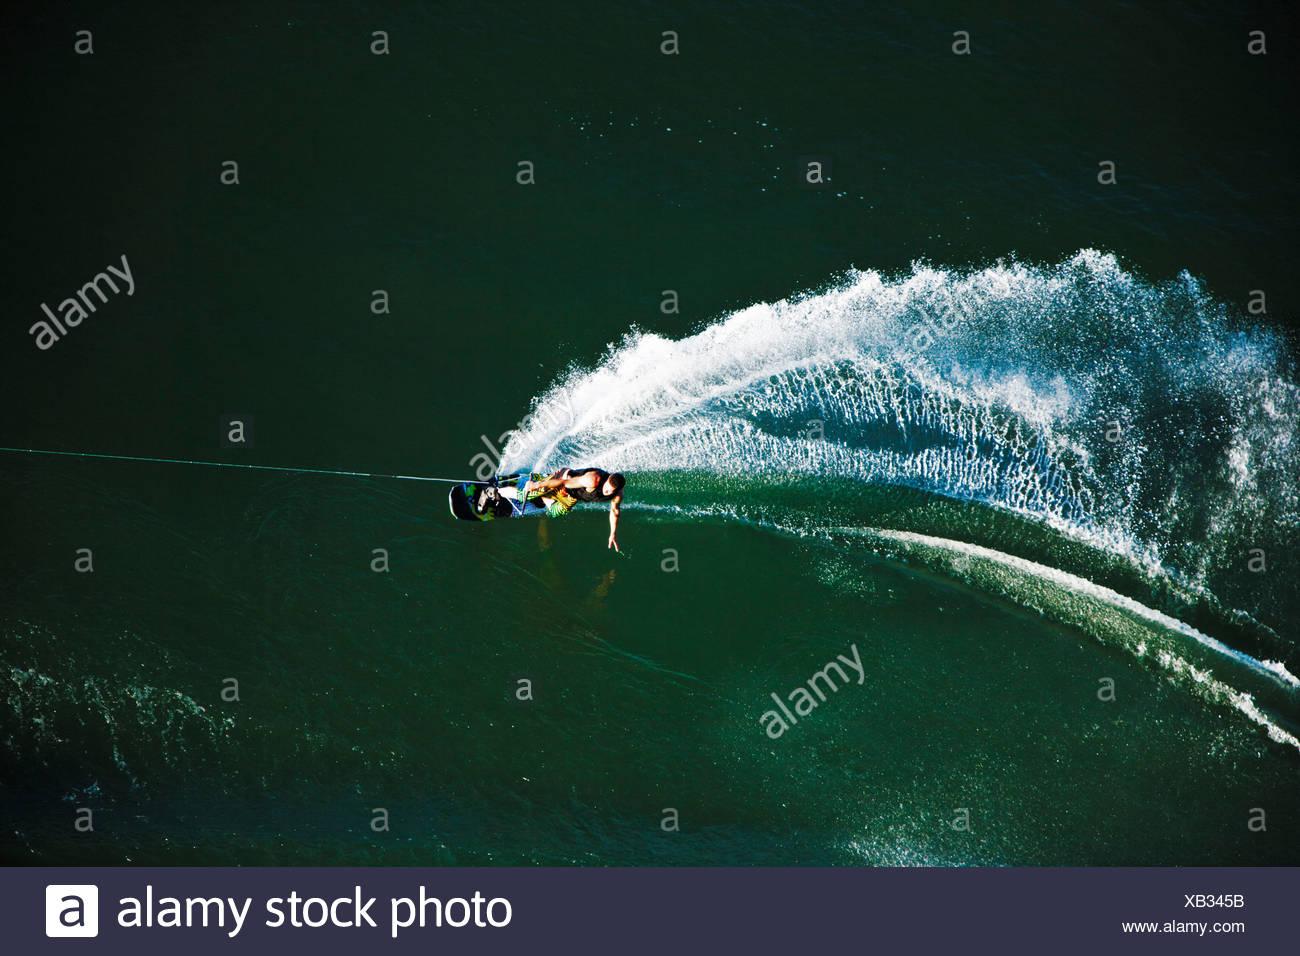 Eine sportliche Wakeboarder schnitzt und Schrägstriche an einem ruhigen Tag in Idaho. Erschossen von oben. Stockfoto